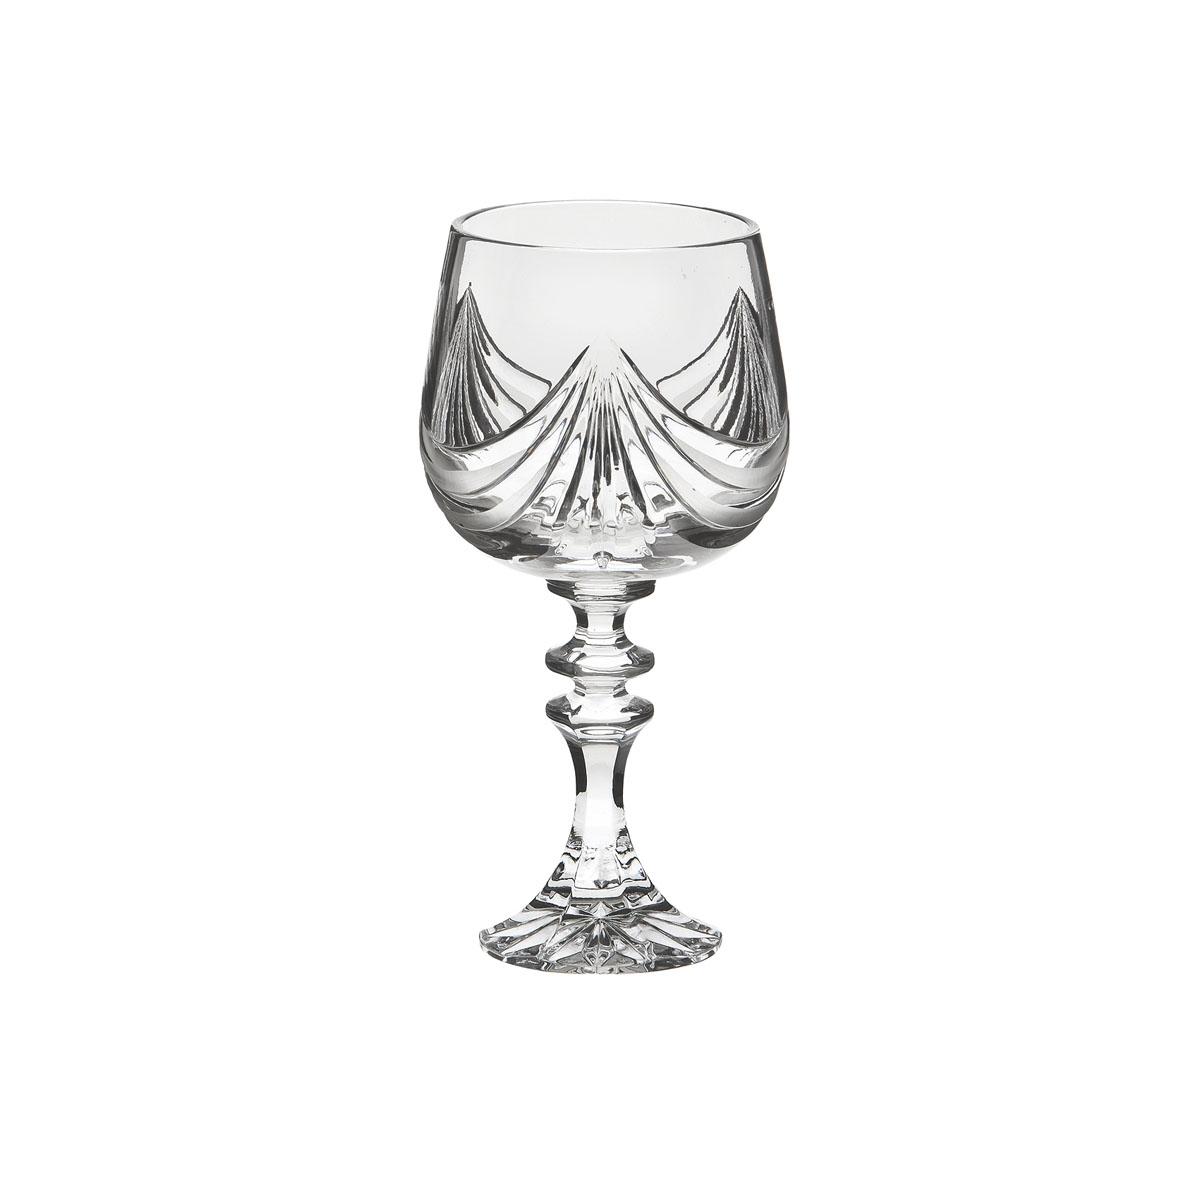 Рюмка Дятьковский хрусталь Ностальгия, большая, 180 мл. С503/4С503/4Хрустальные рюмки - пожалуй самая необходимая и прывичная часть посуды в каждом русском доме. Это посуда сугубо для алкогольных напитков. Вообще существует закономерность - чем крепче спиртной напиток, тем меньше объем рюмки, бокала или стопки. Хрустальные рюмки для водки - самые маленькие, а хрустальный рюмки для ликеров, коктейлей и вина - обычно больше.